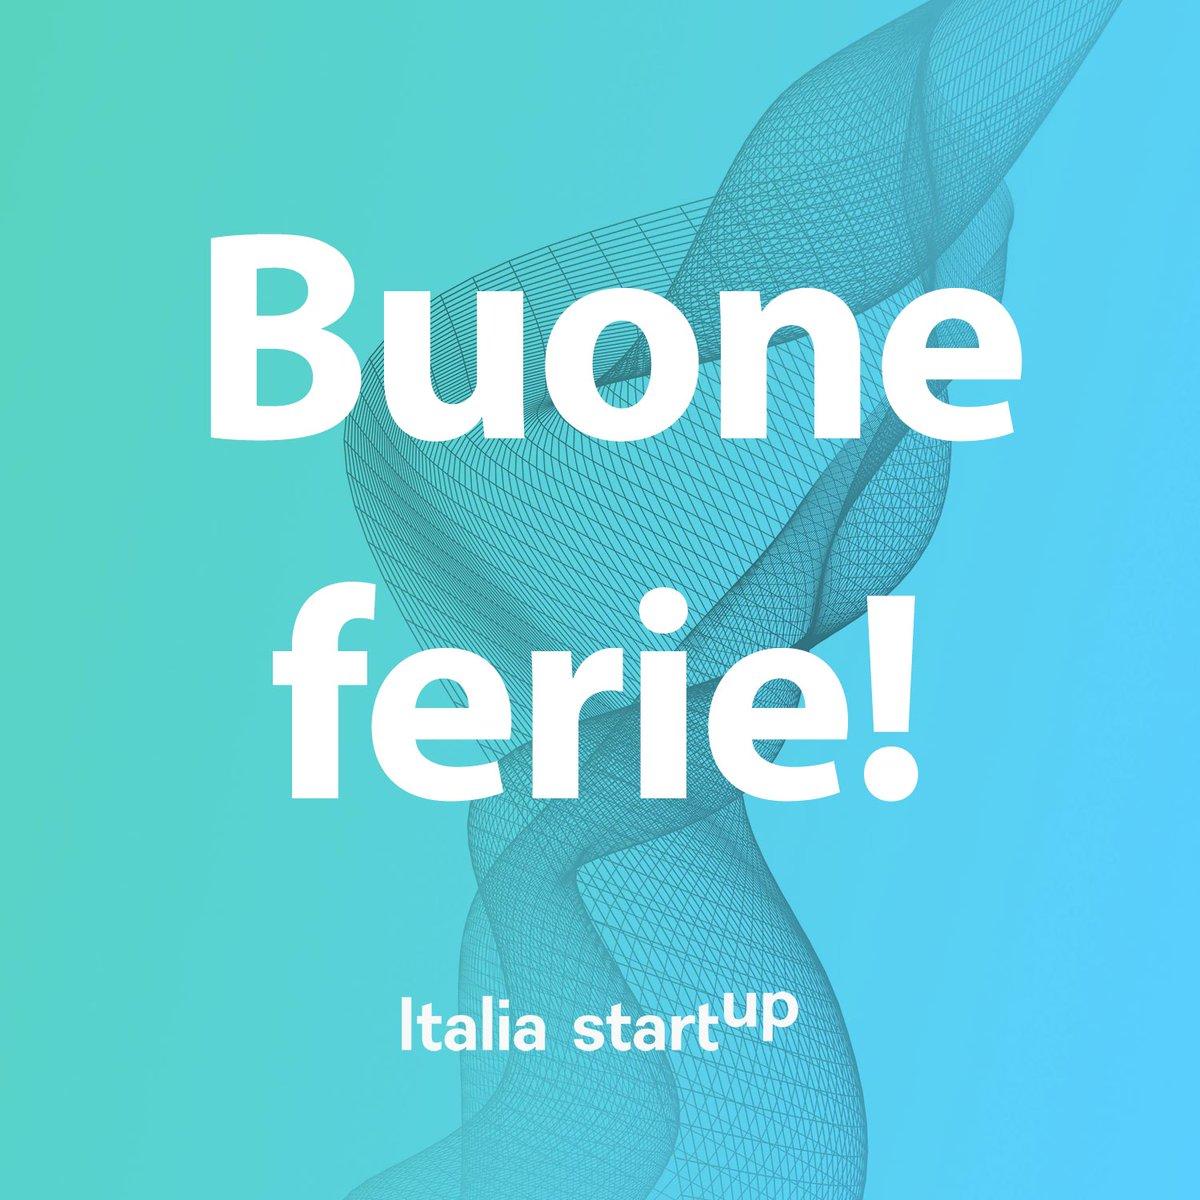 Buone ferie da tutto lo staff di Italia Startup!